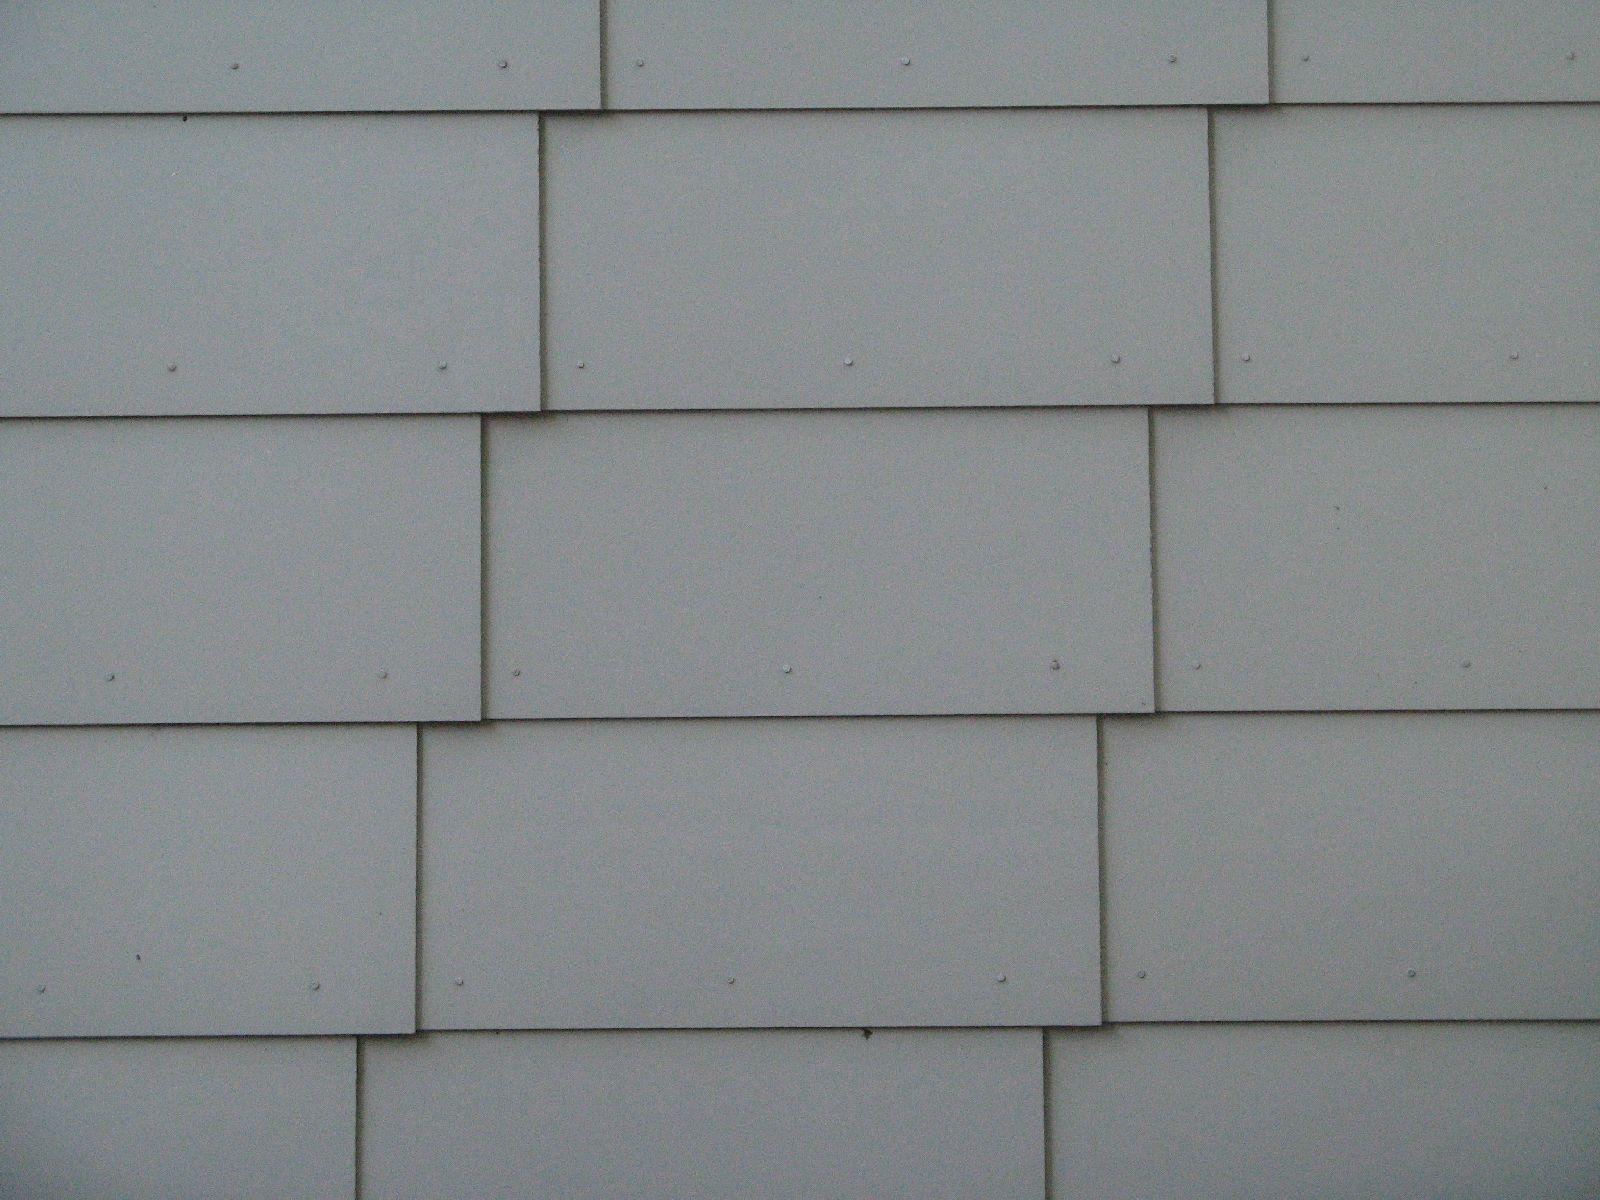 Wand-Steinbloecke-Quader_Textur_B_00785